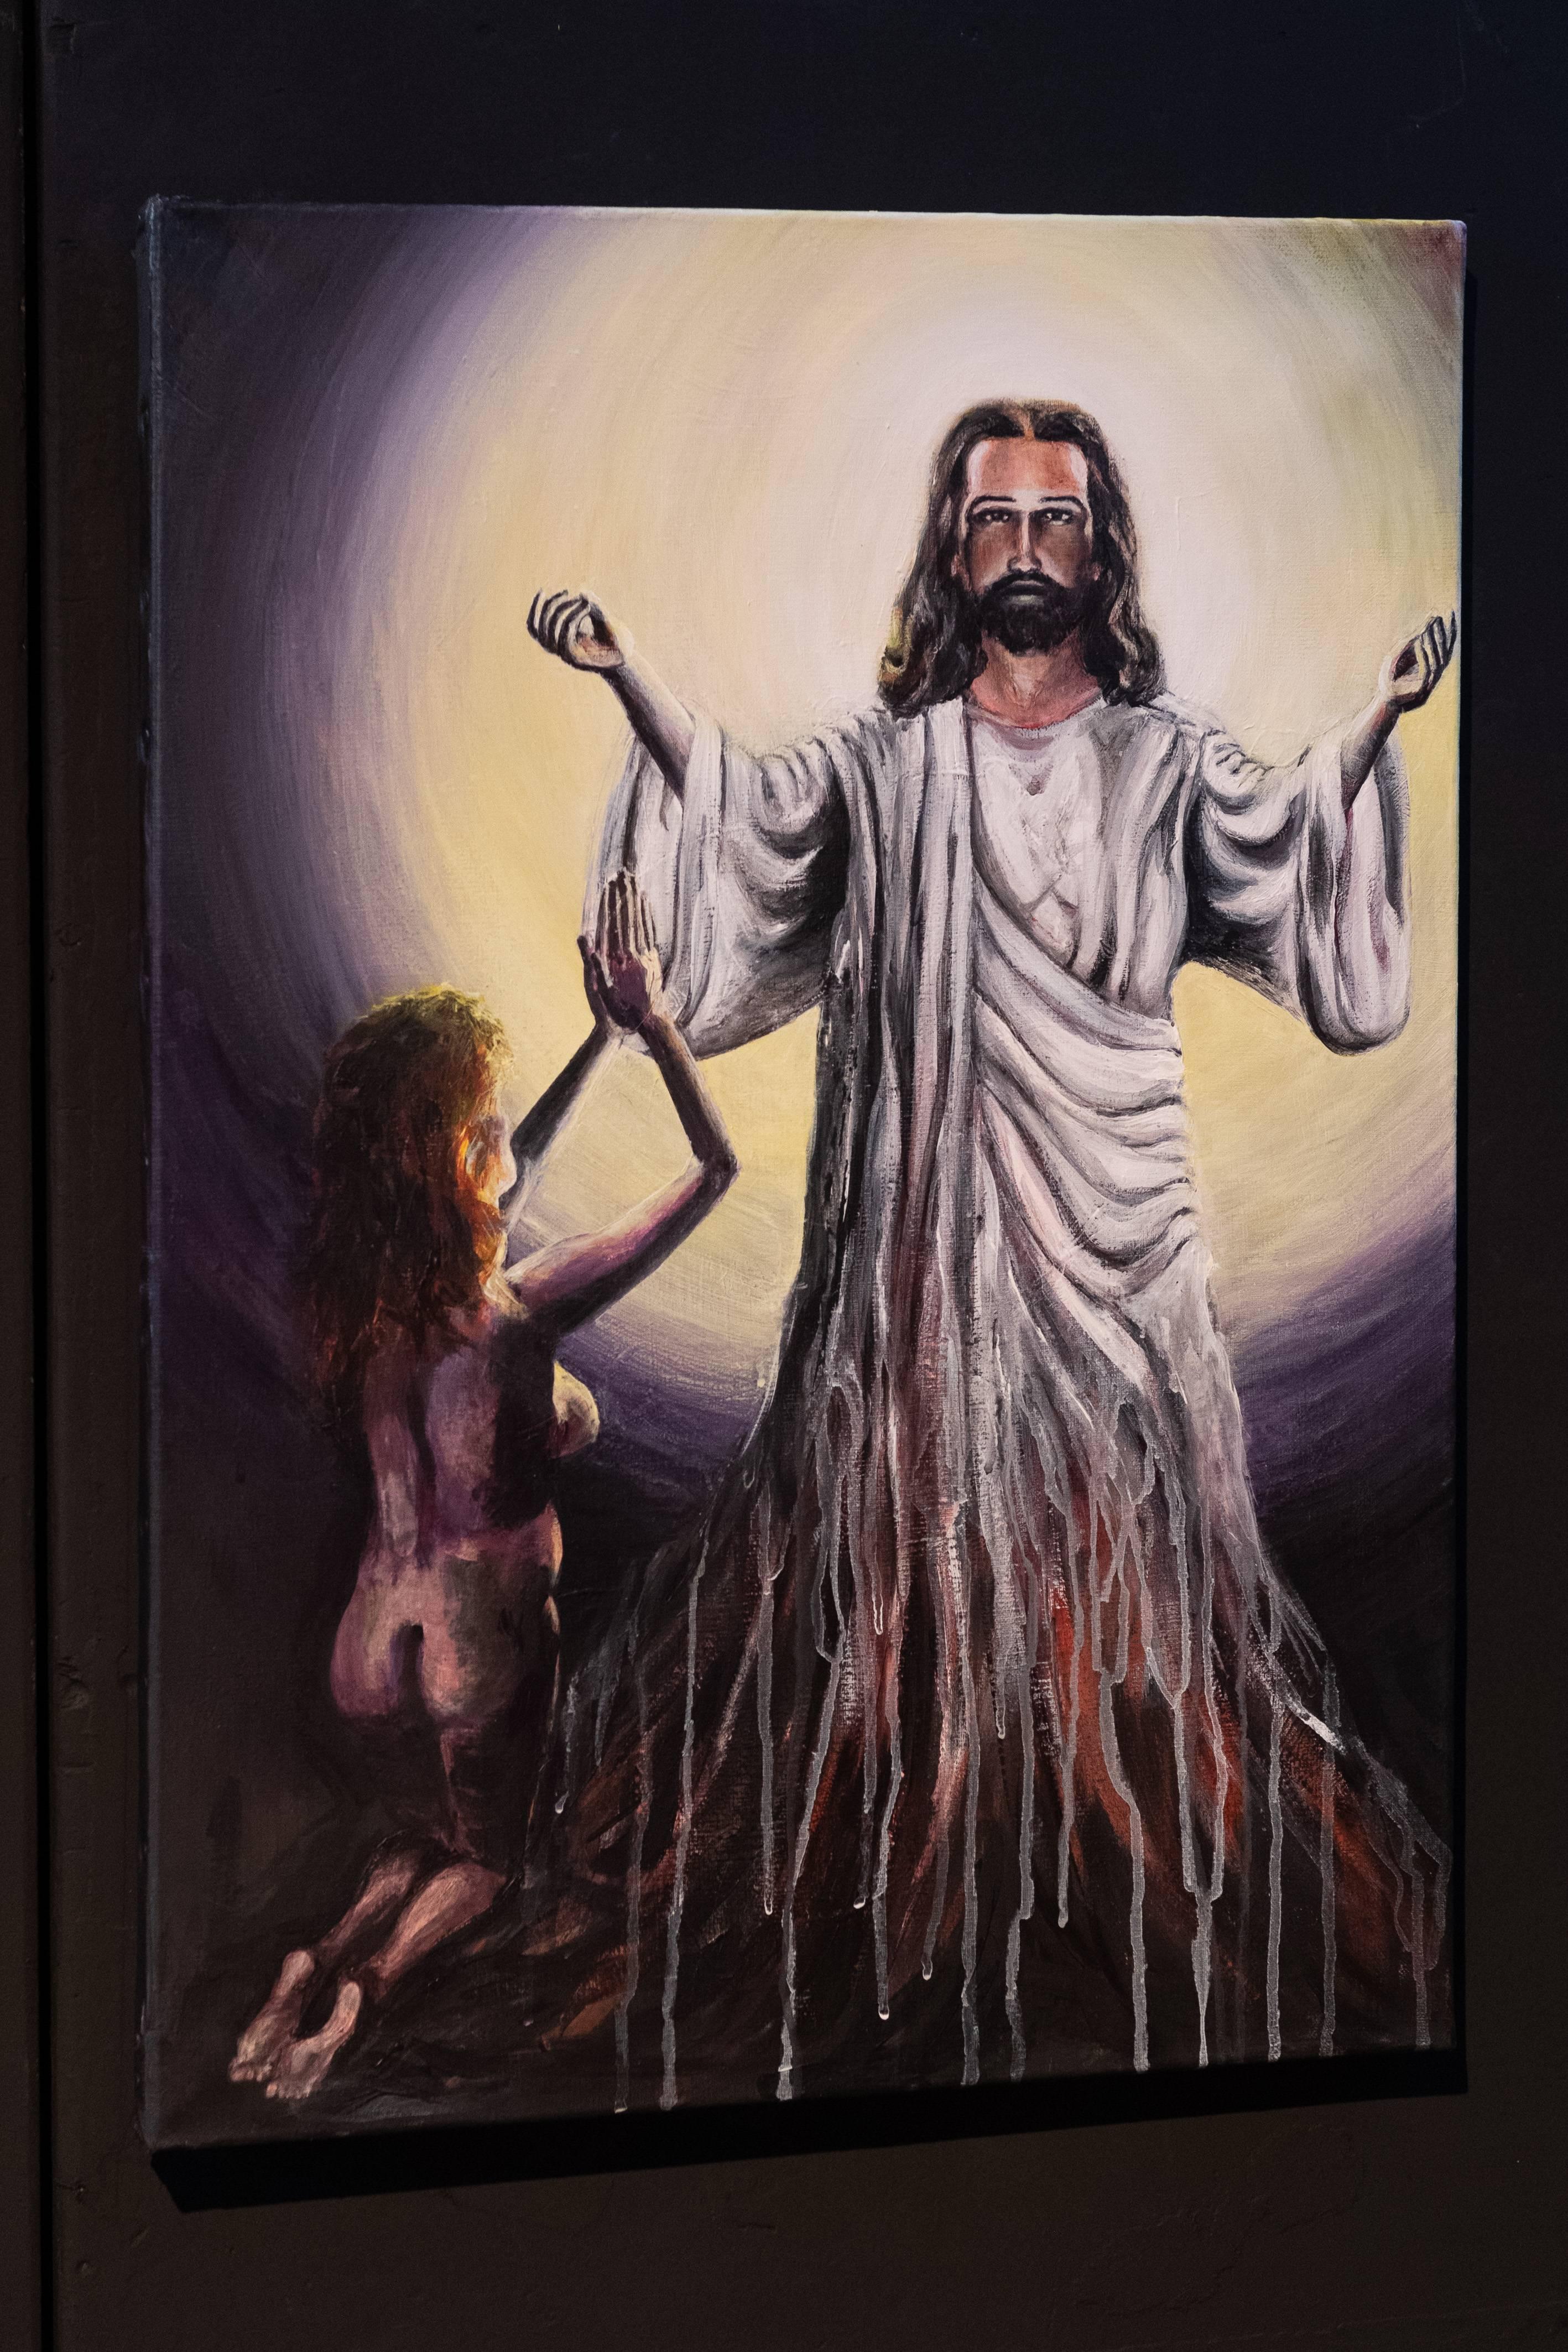 Werk 20. Jezus met knielende vrouw – Acryl op linnen (2019)